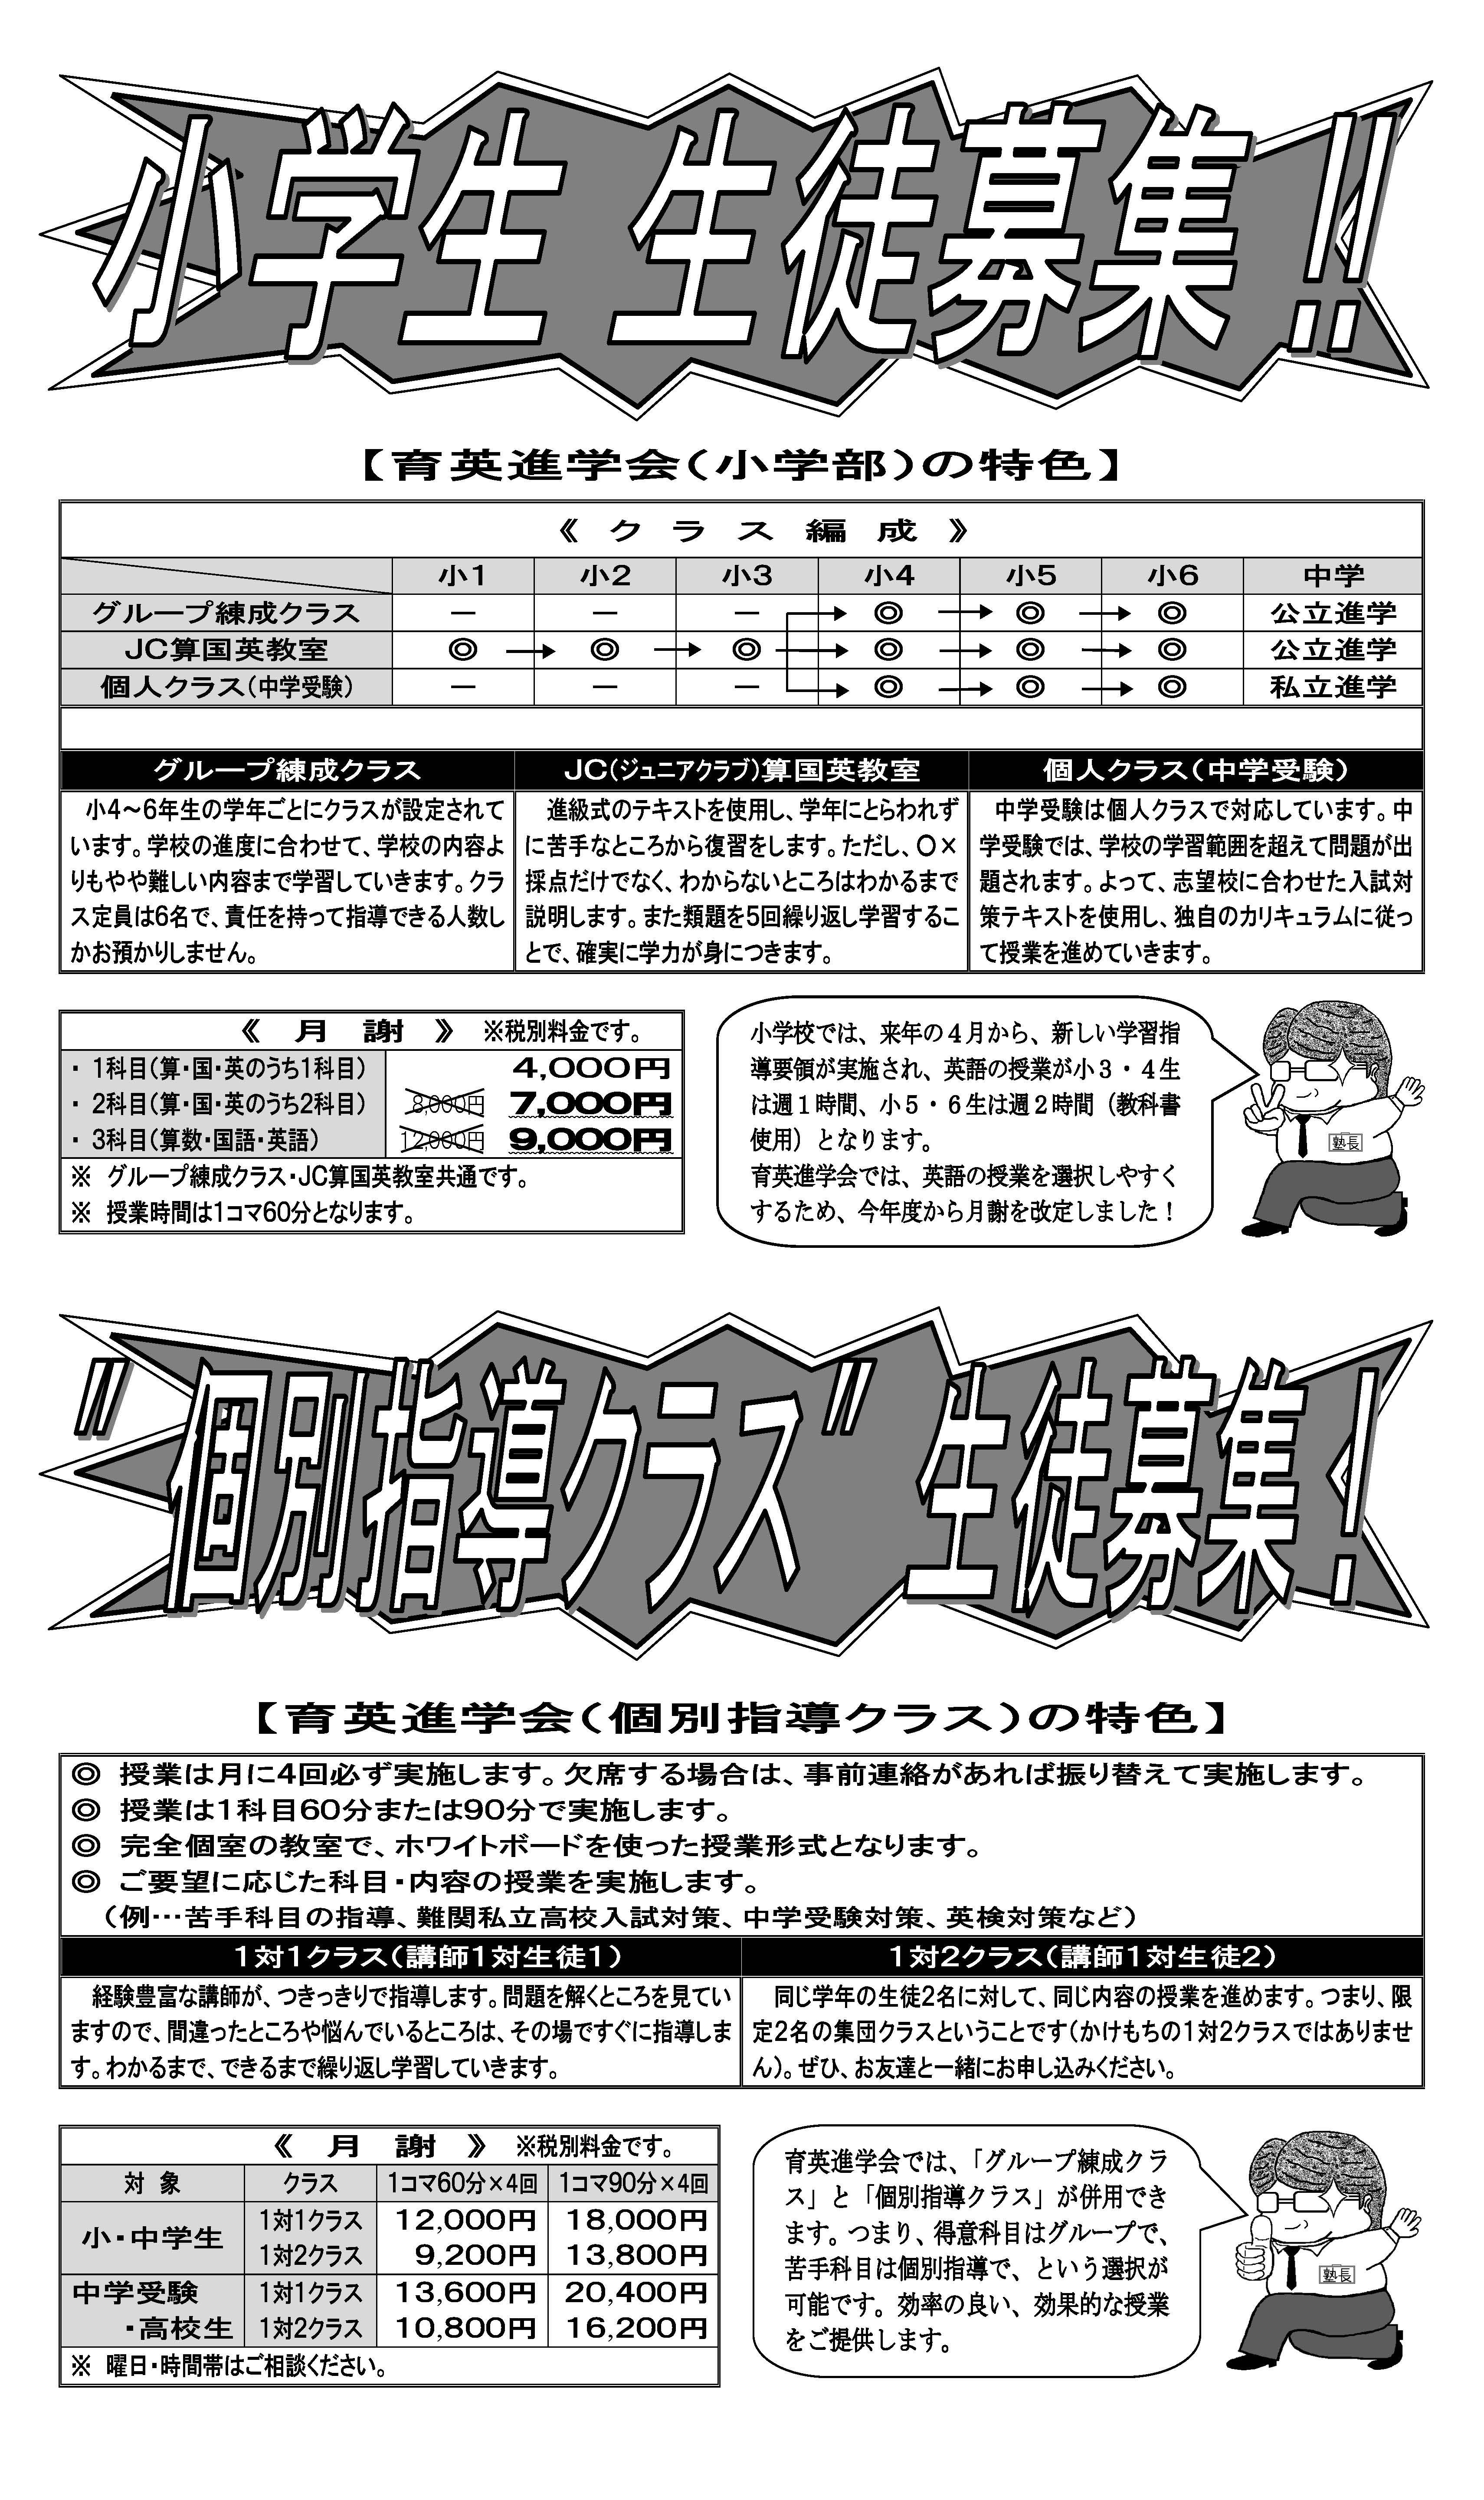 薬円台校の夏期講習会 詳細は下記のウェブフォームからお気軽にお問い合わせください。